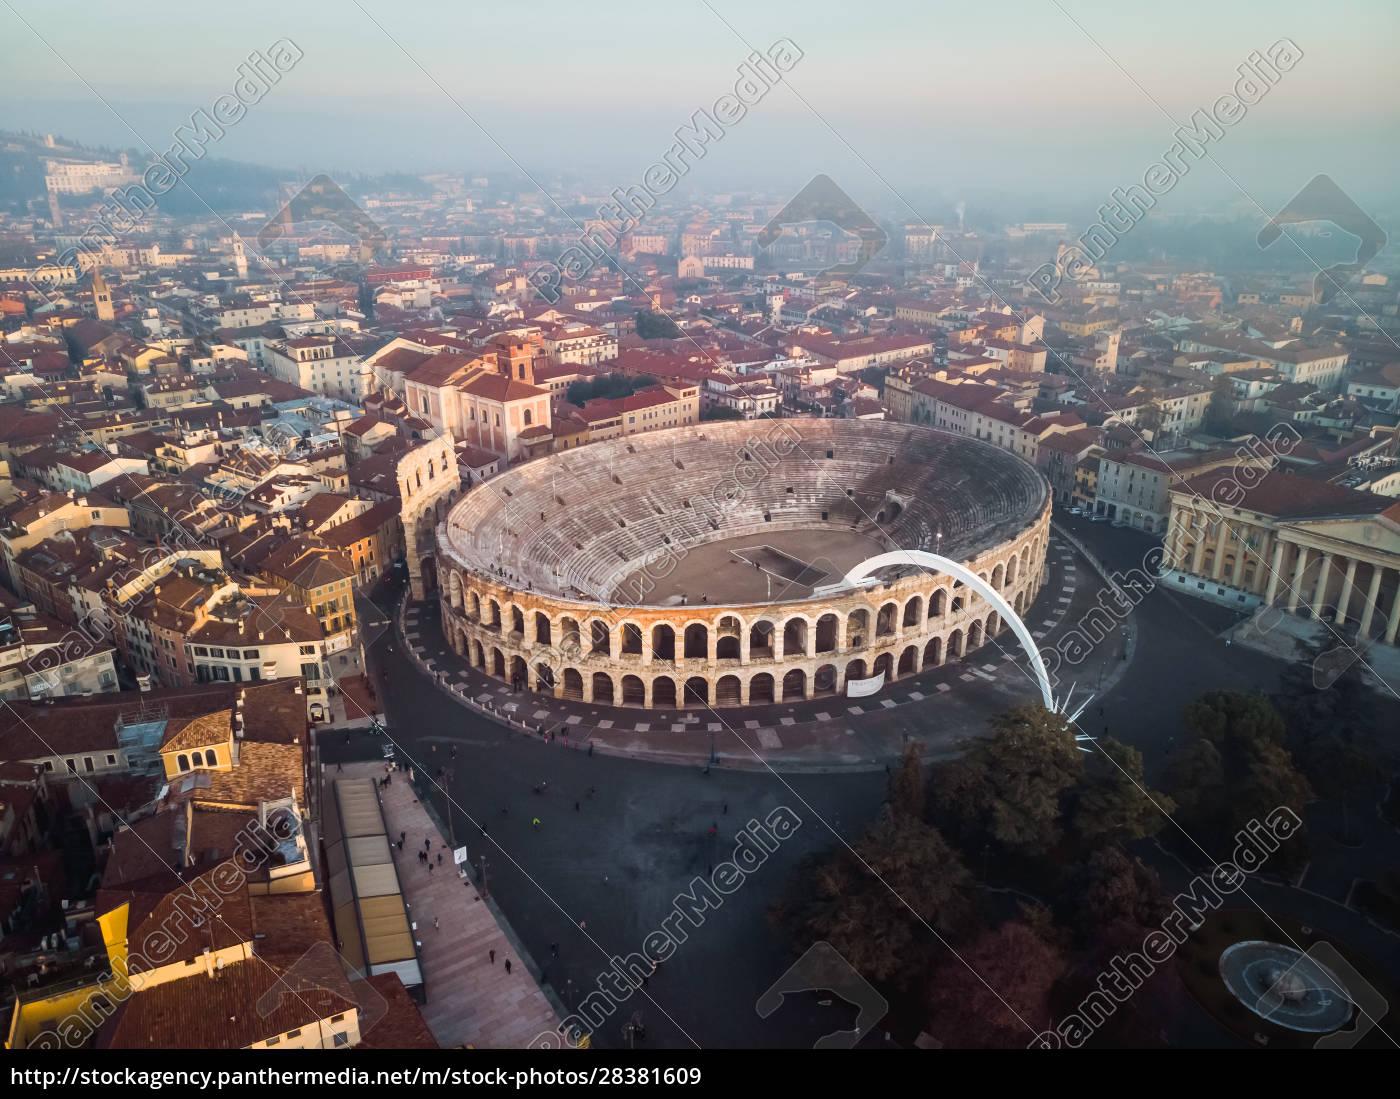 luftaufnahme, der, arena, von, verona, italien. - 28381609